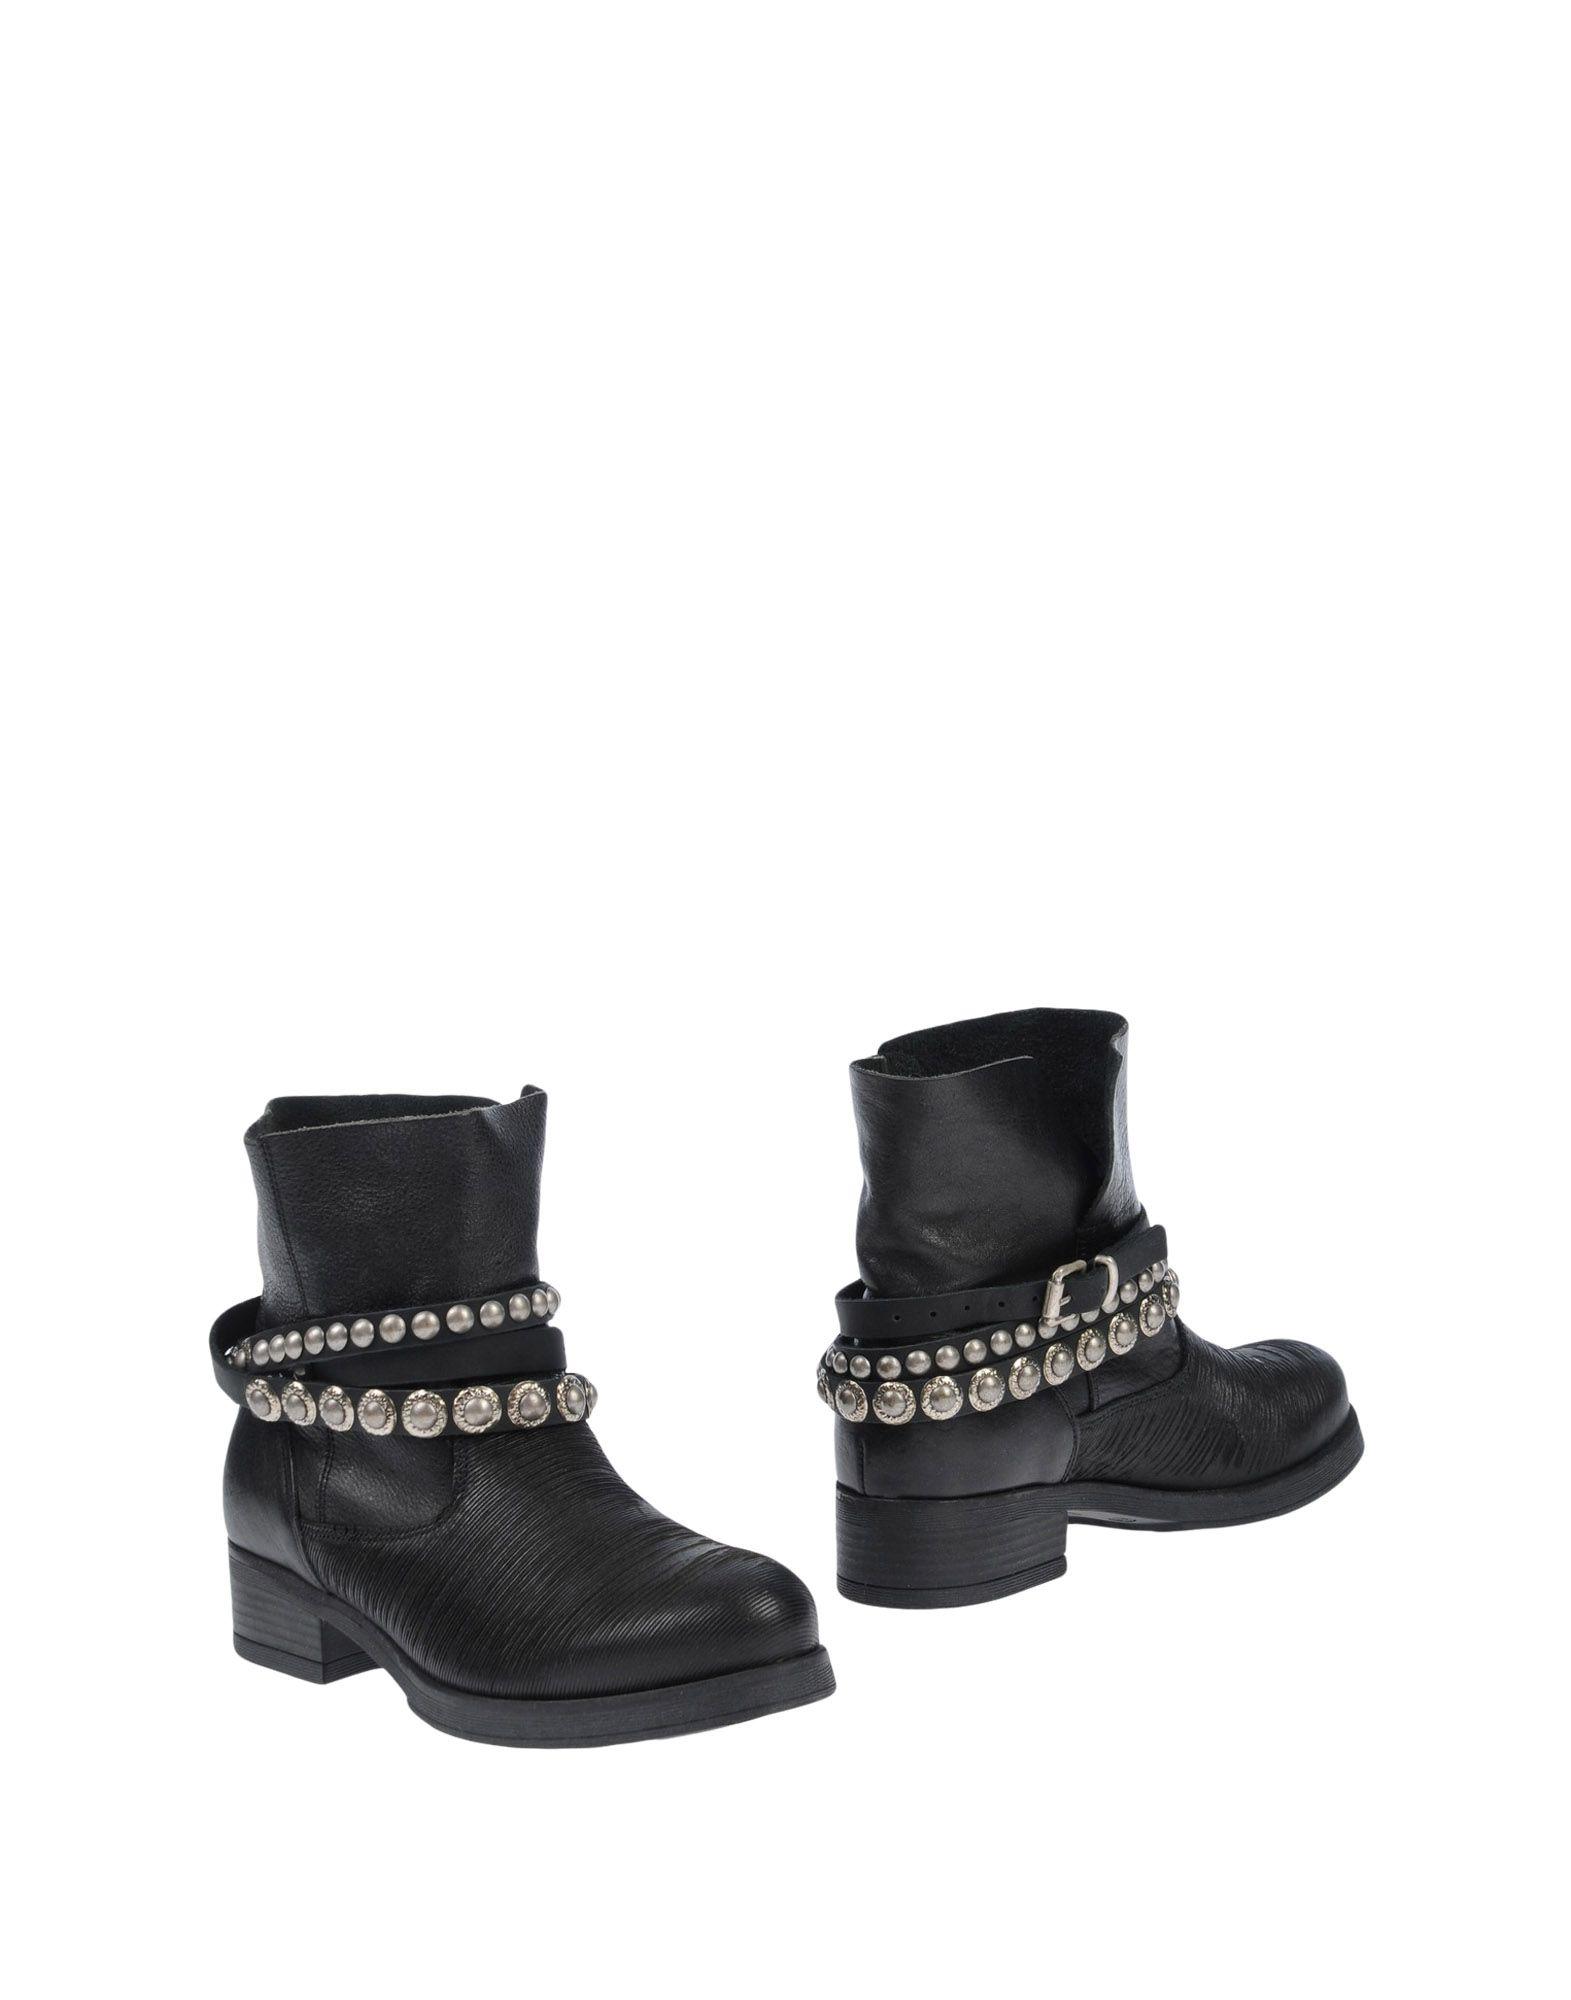 Moda Stivaletti Couture Donna - 11485207IV